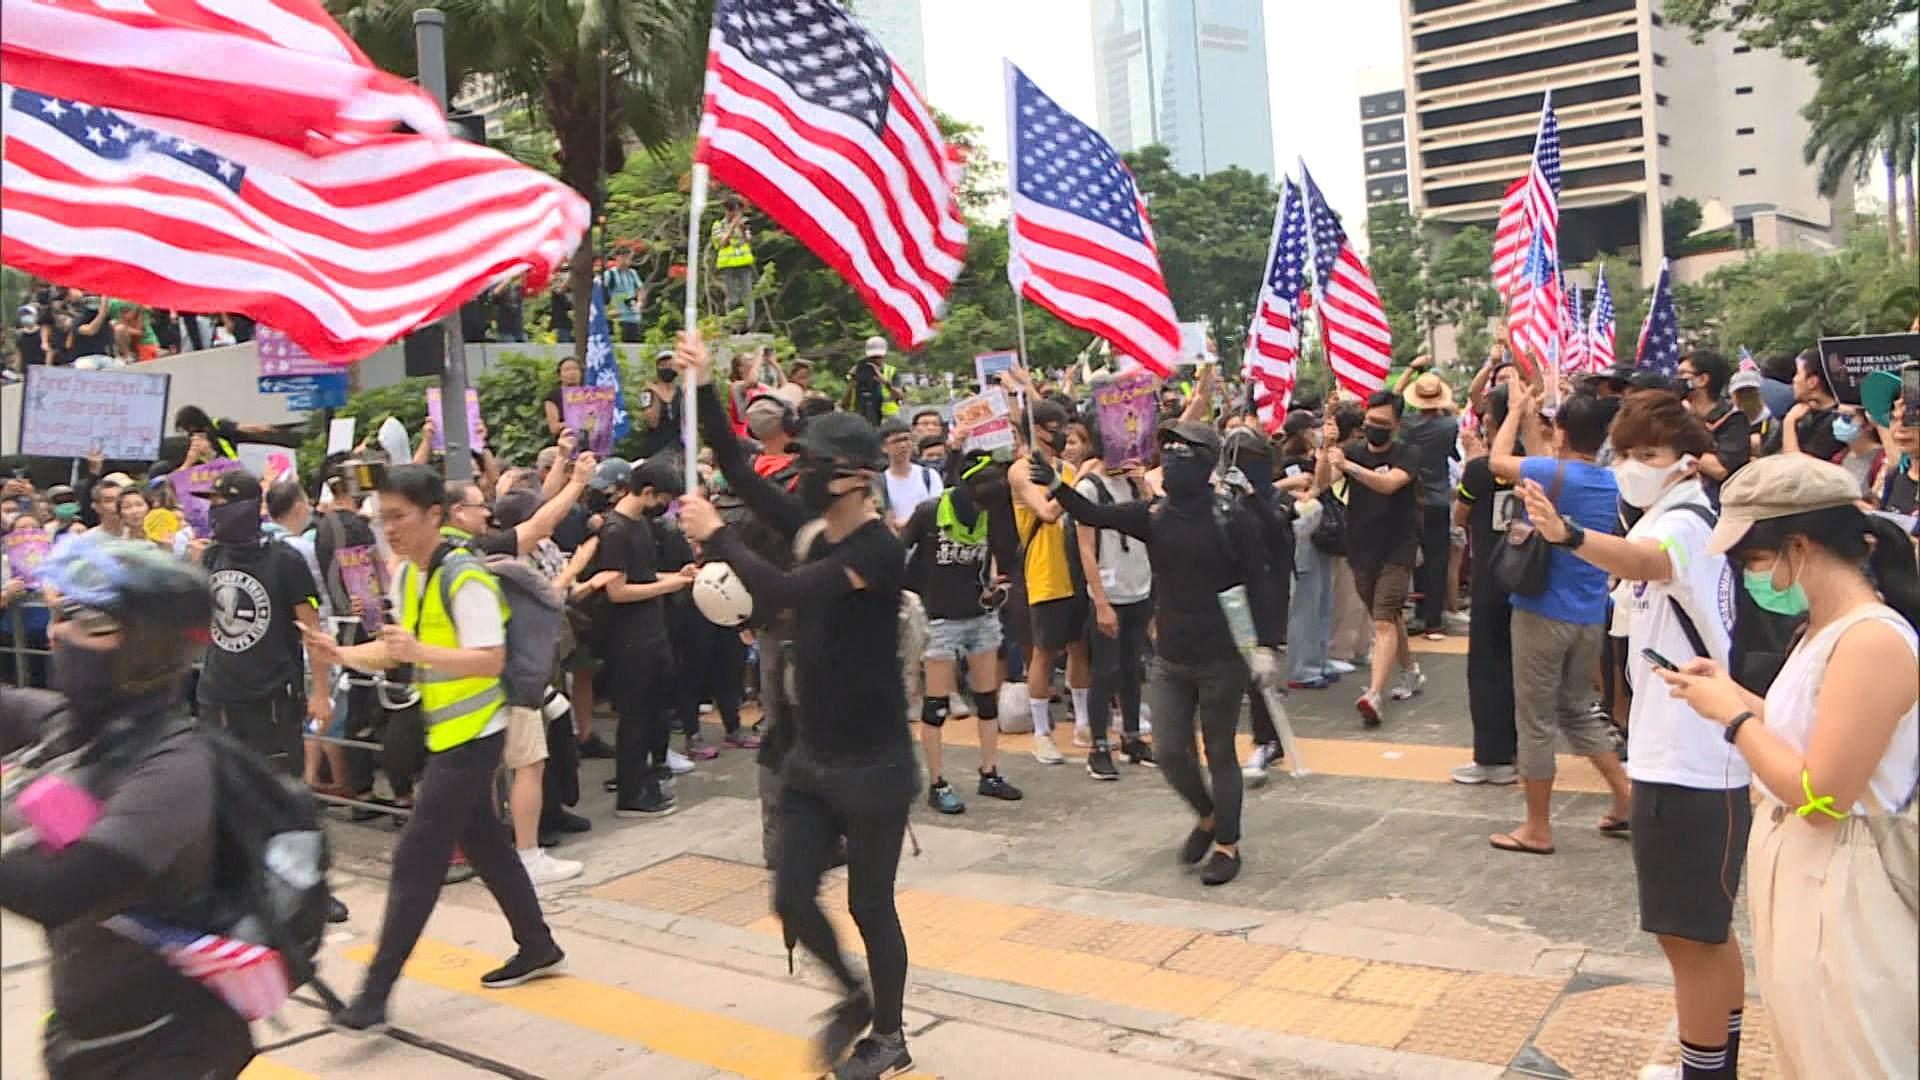 環時社評:香港需營造更大的共同利益